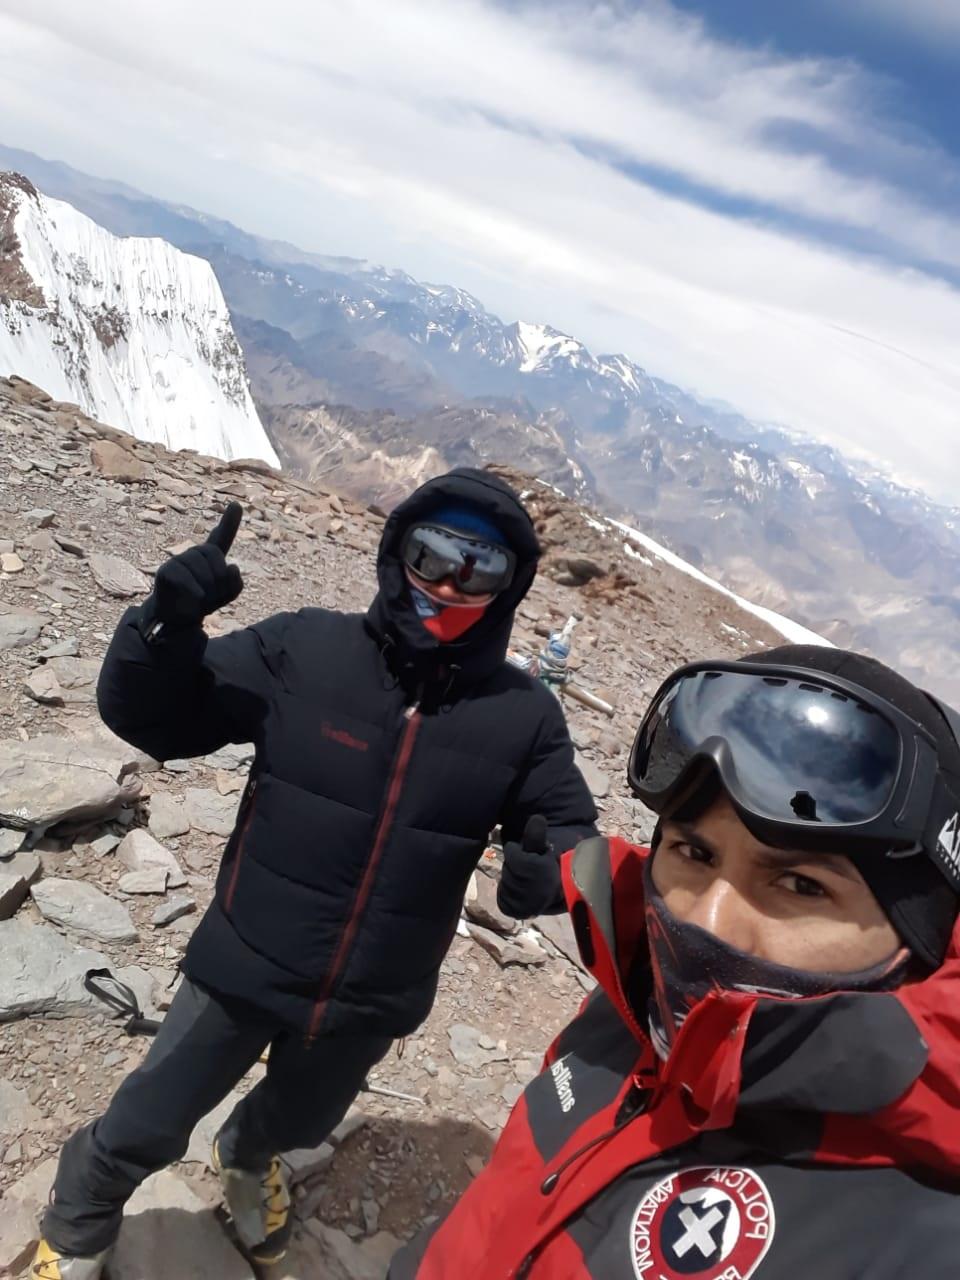 El Oficial Ayudante Alberto Pereyra y el Auxiliar Fabricio Corro coronaron la cima, la primera de la temporada de Aconcagua.